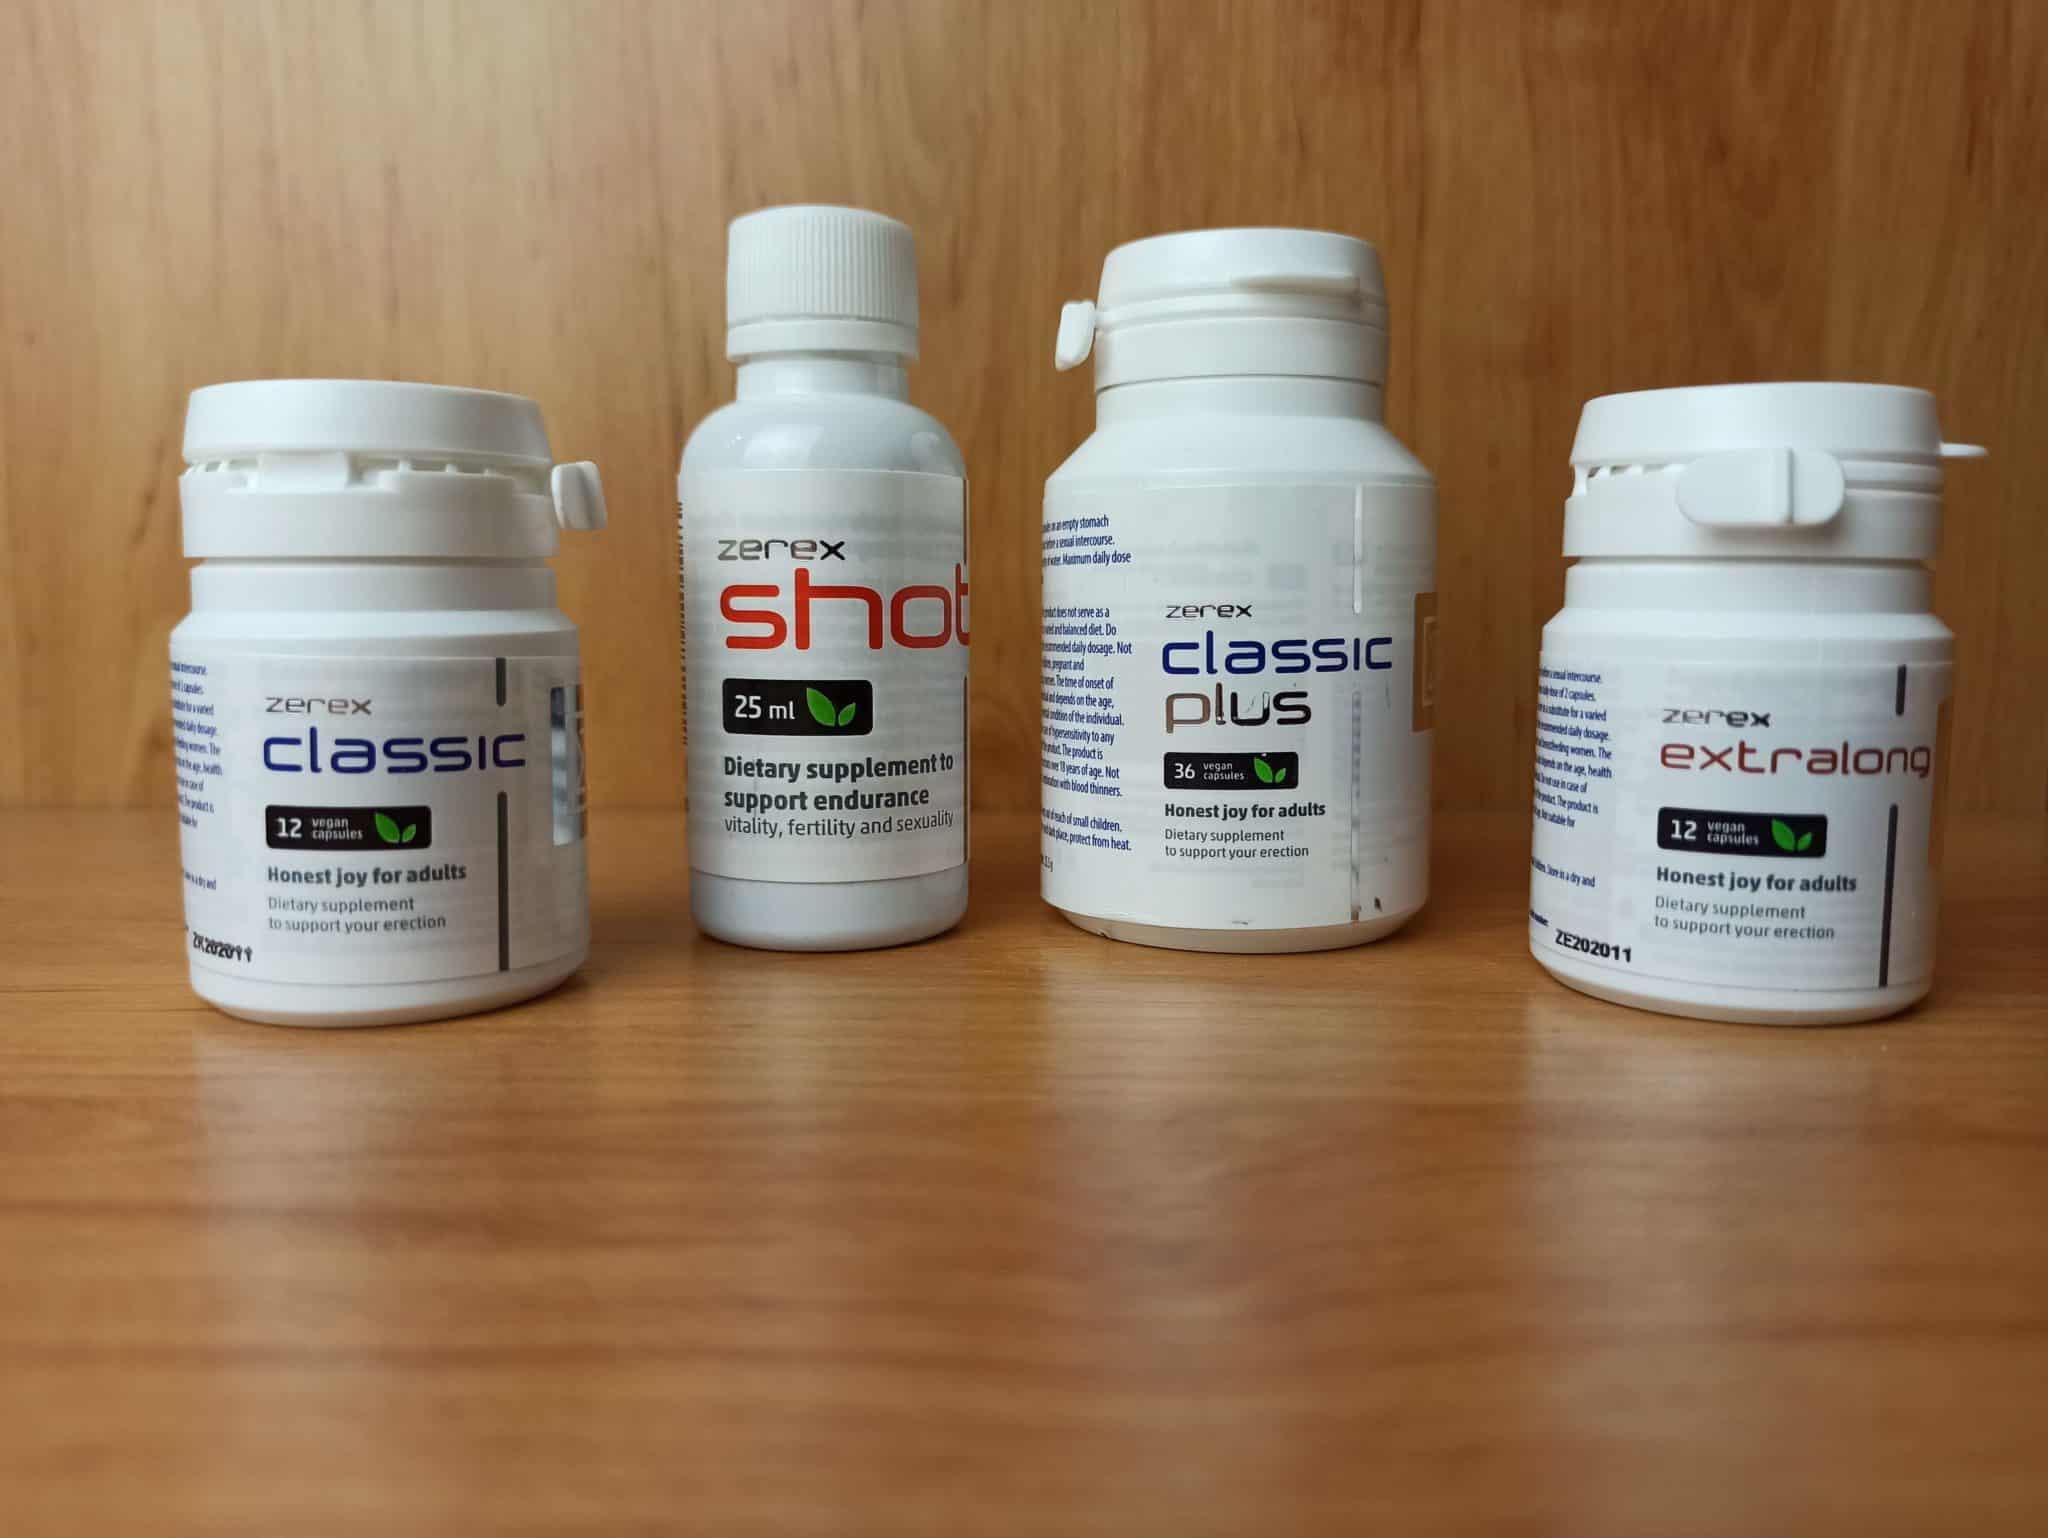 Zerex Klasik, Zerex Extralong, Zerex Shot, Zerex Klasik Plus